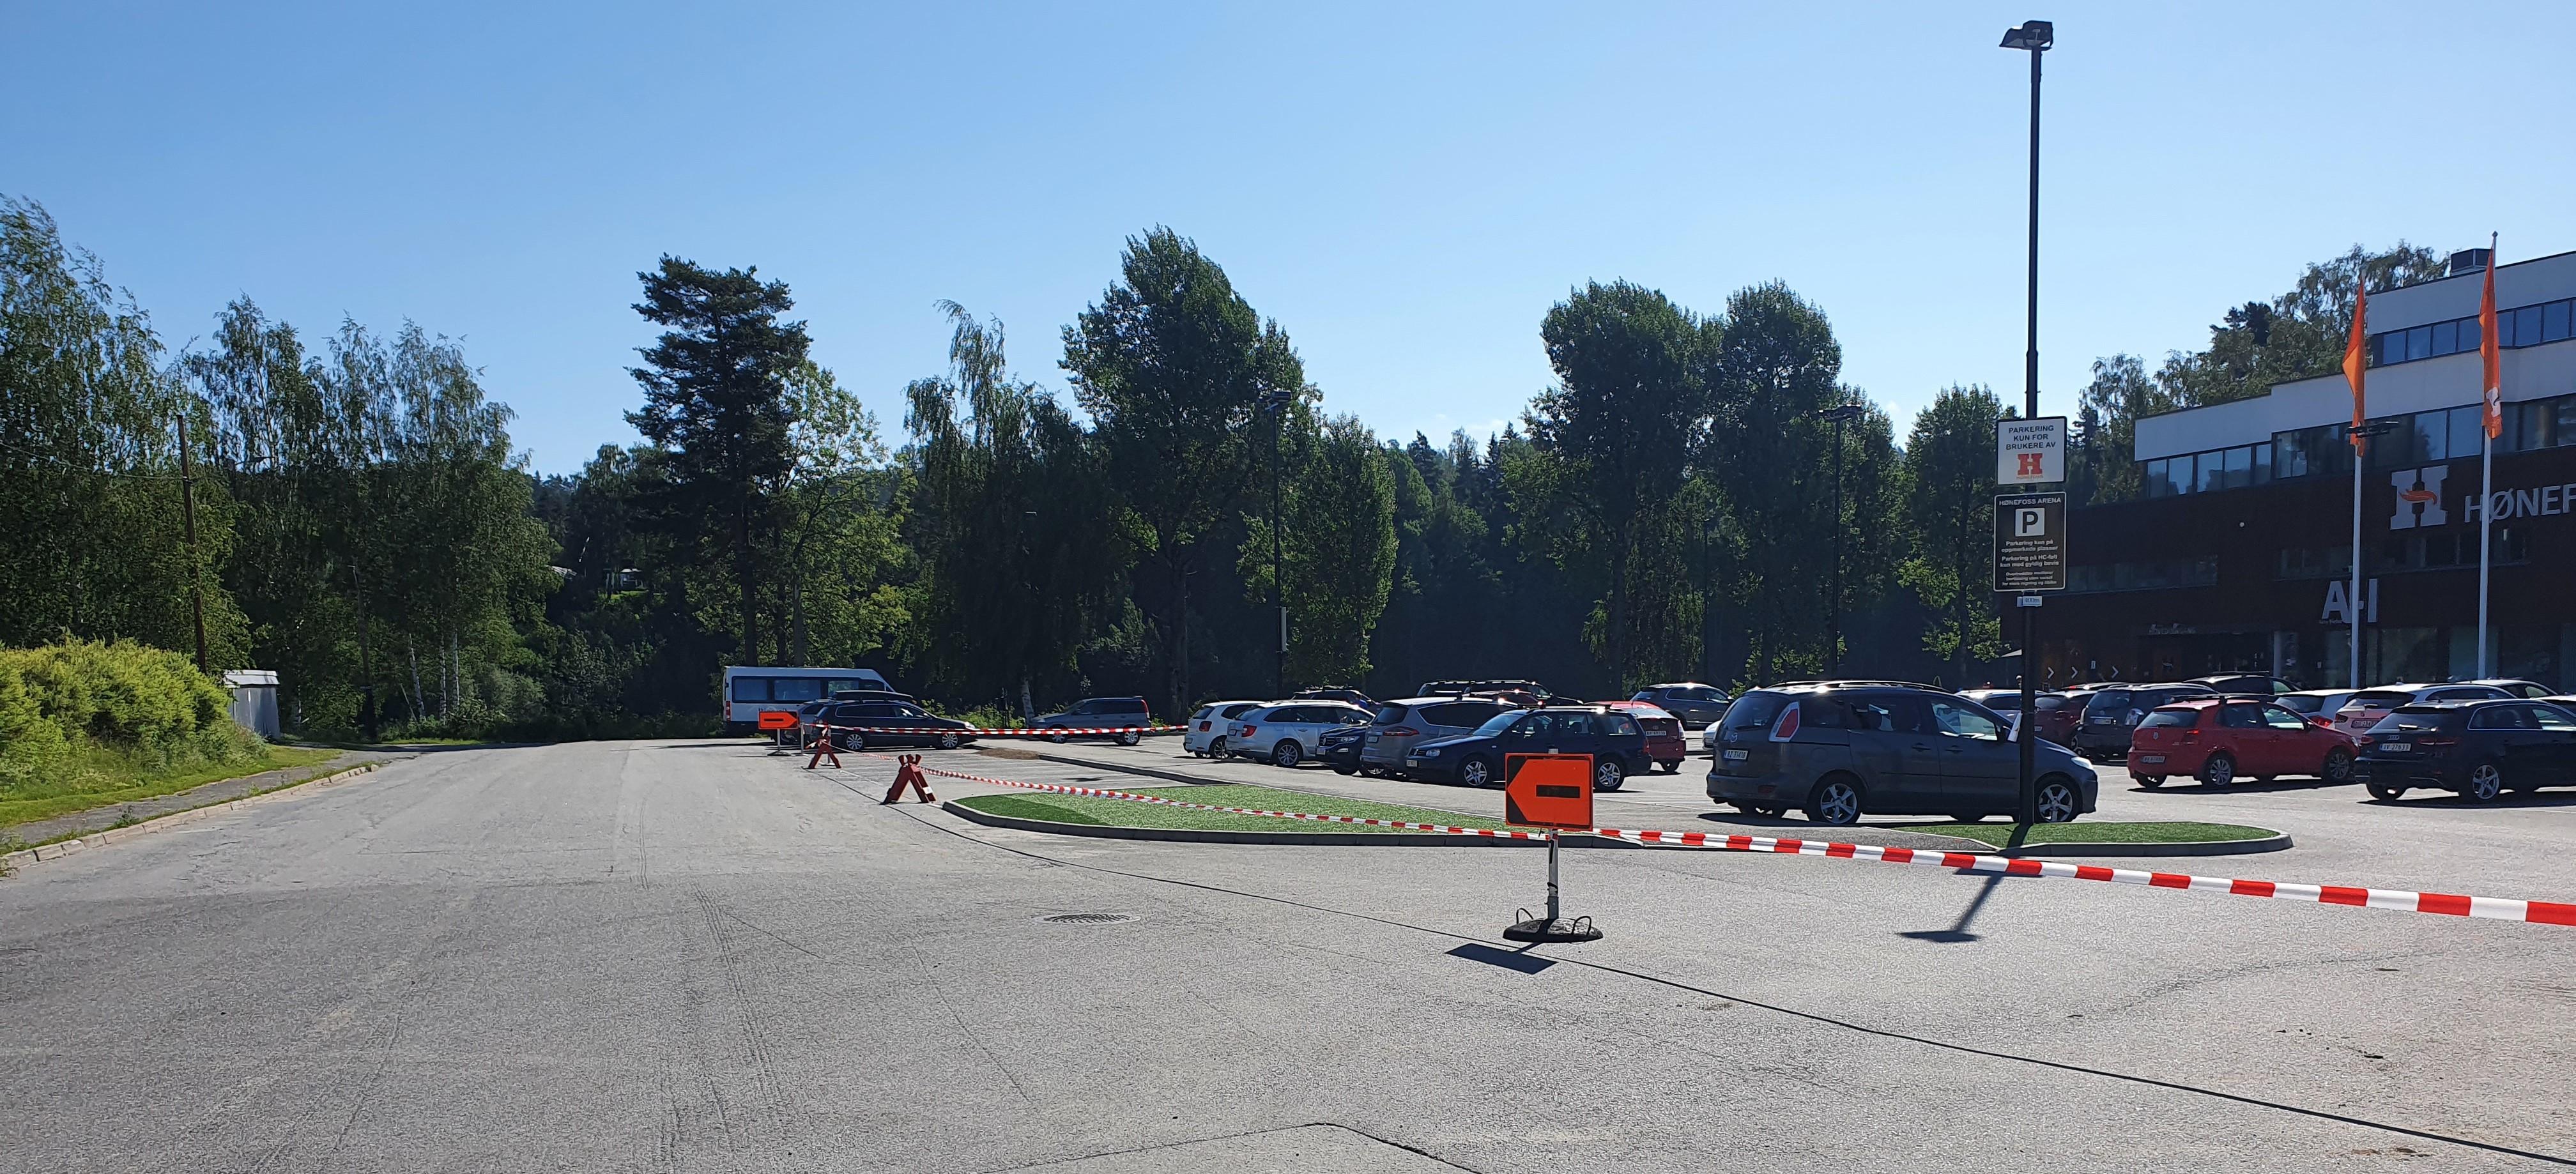 Gravearbeider i innkjøringen til parkeringsplassen